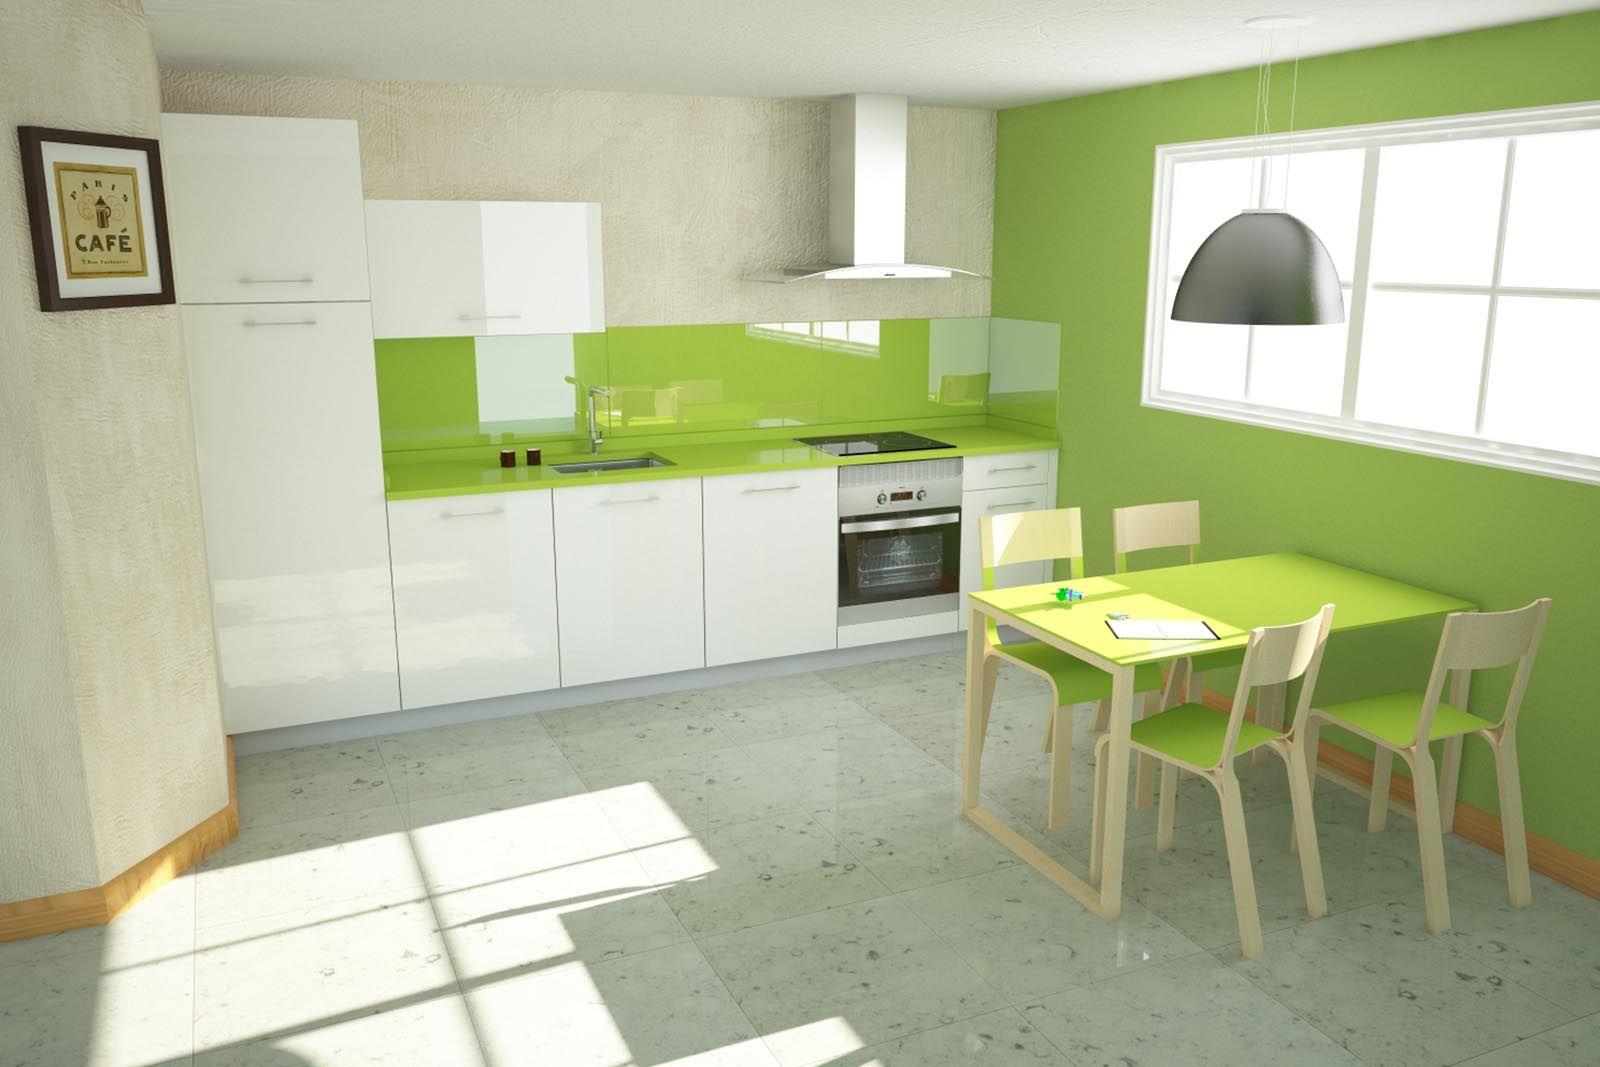 Cocina completa montada en casa con electrodomesticos for Cocina con electrodomesticos